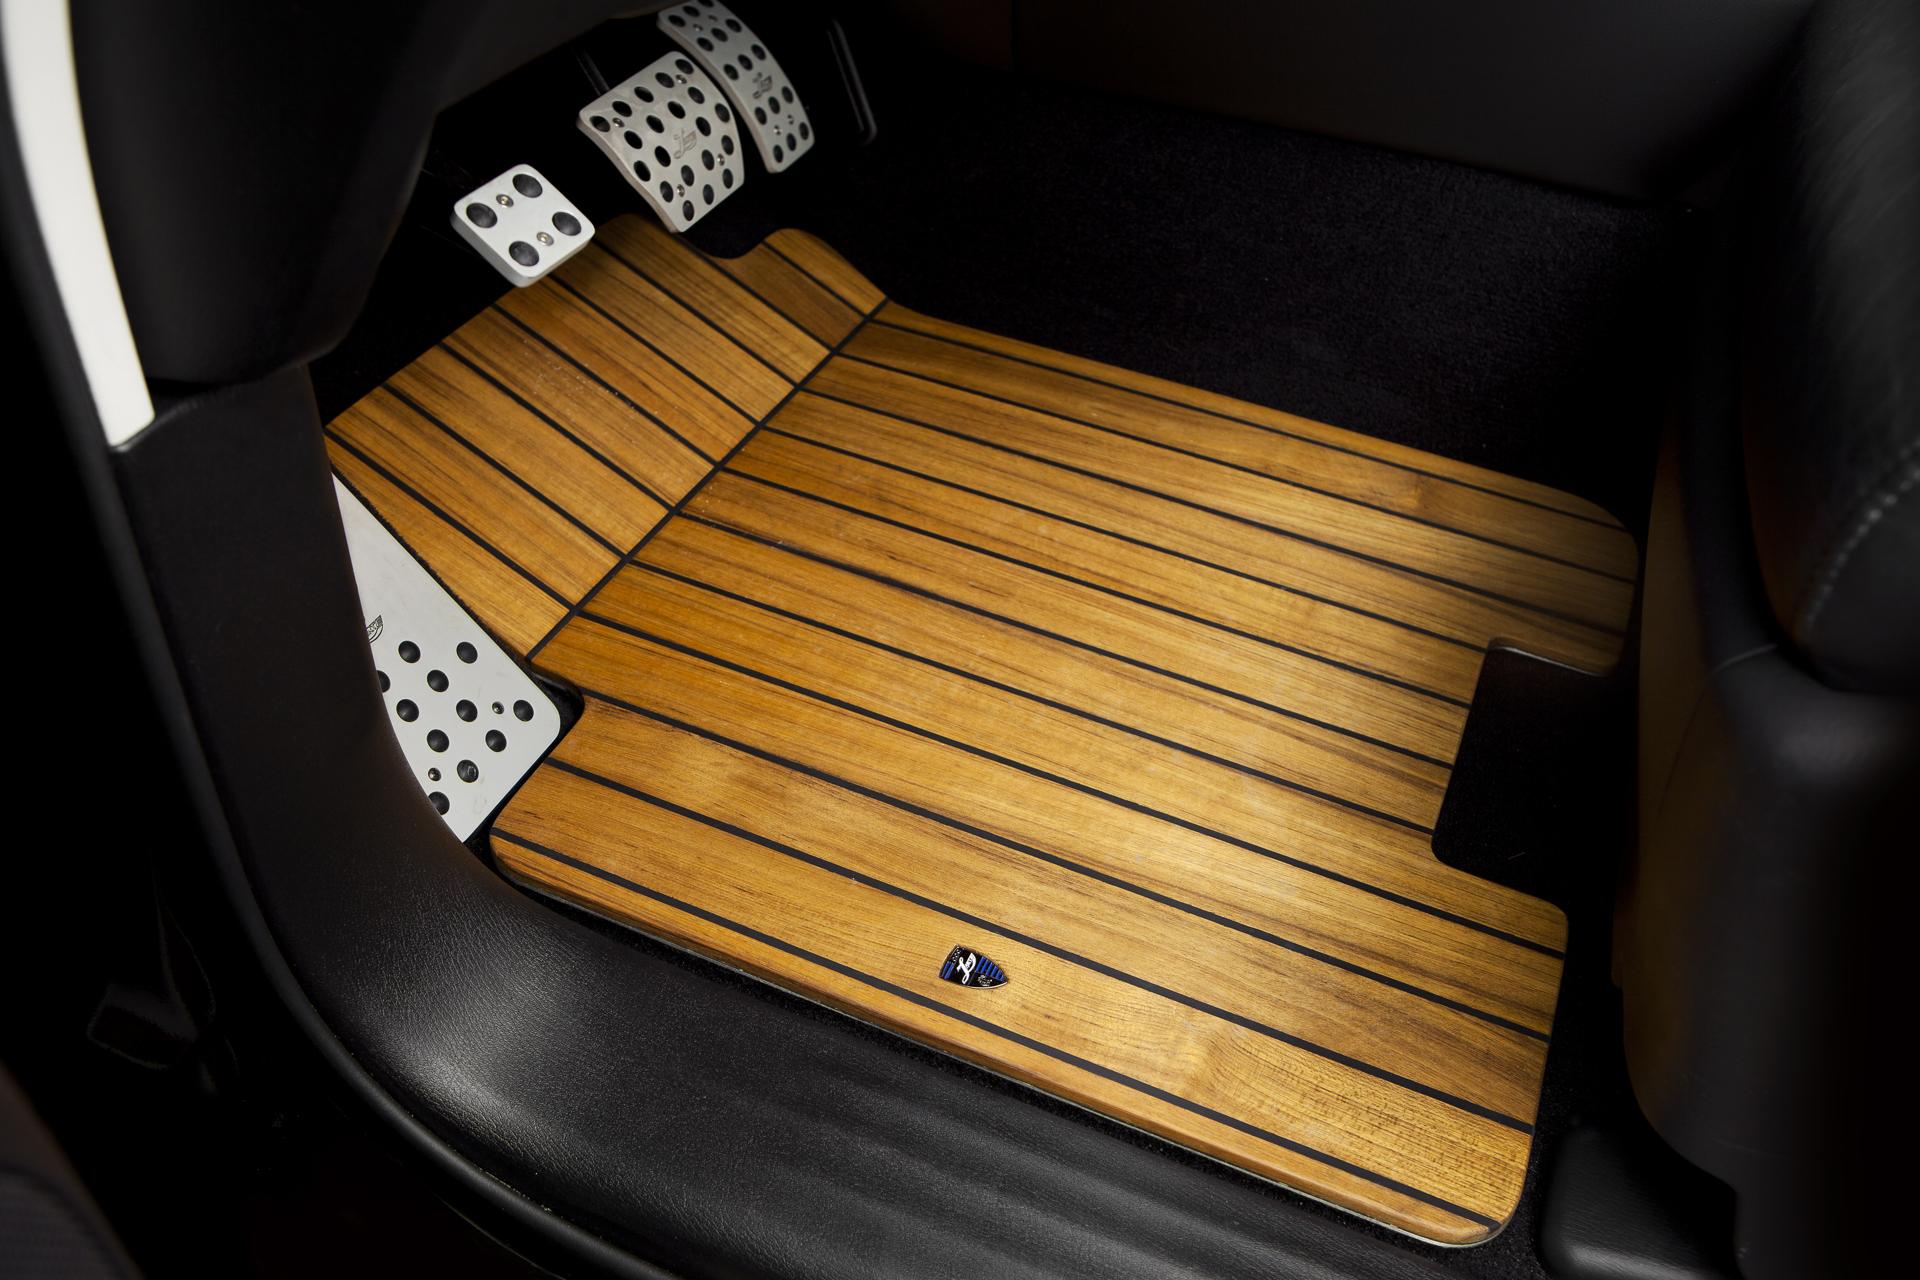 Floor mats qx80 - Floor Mats Qx80 7